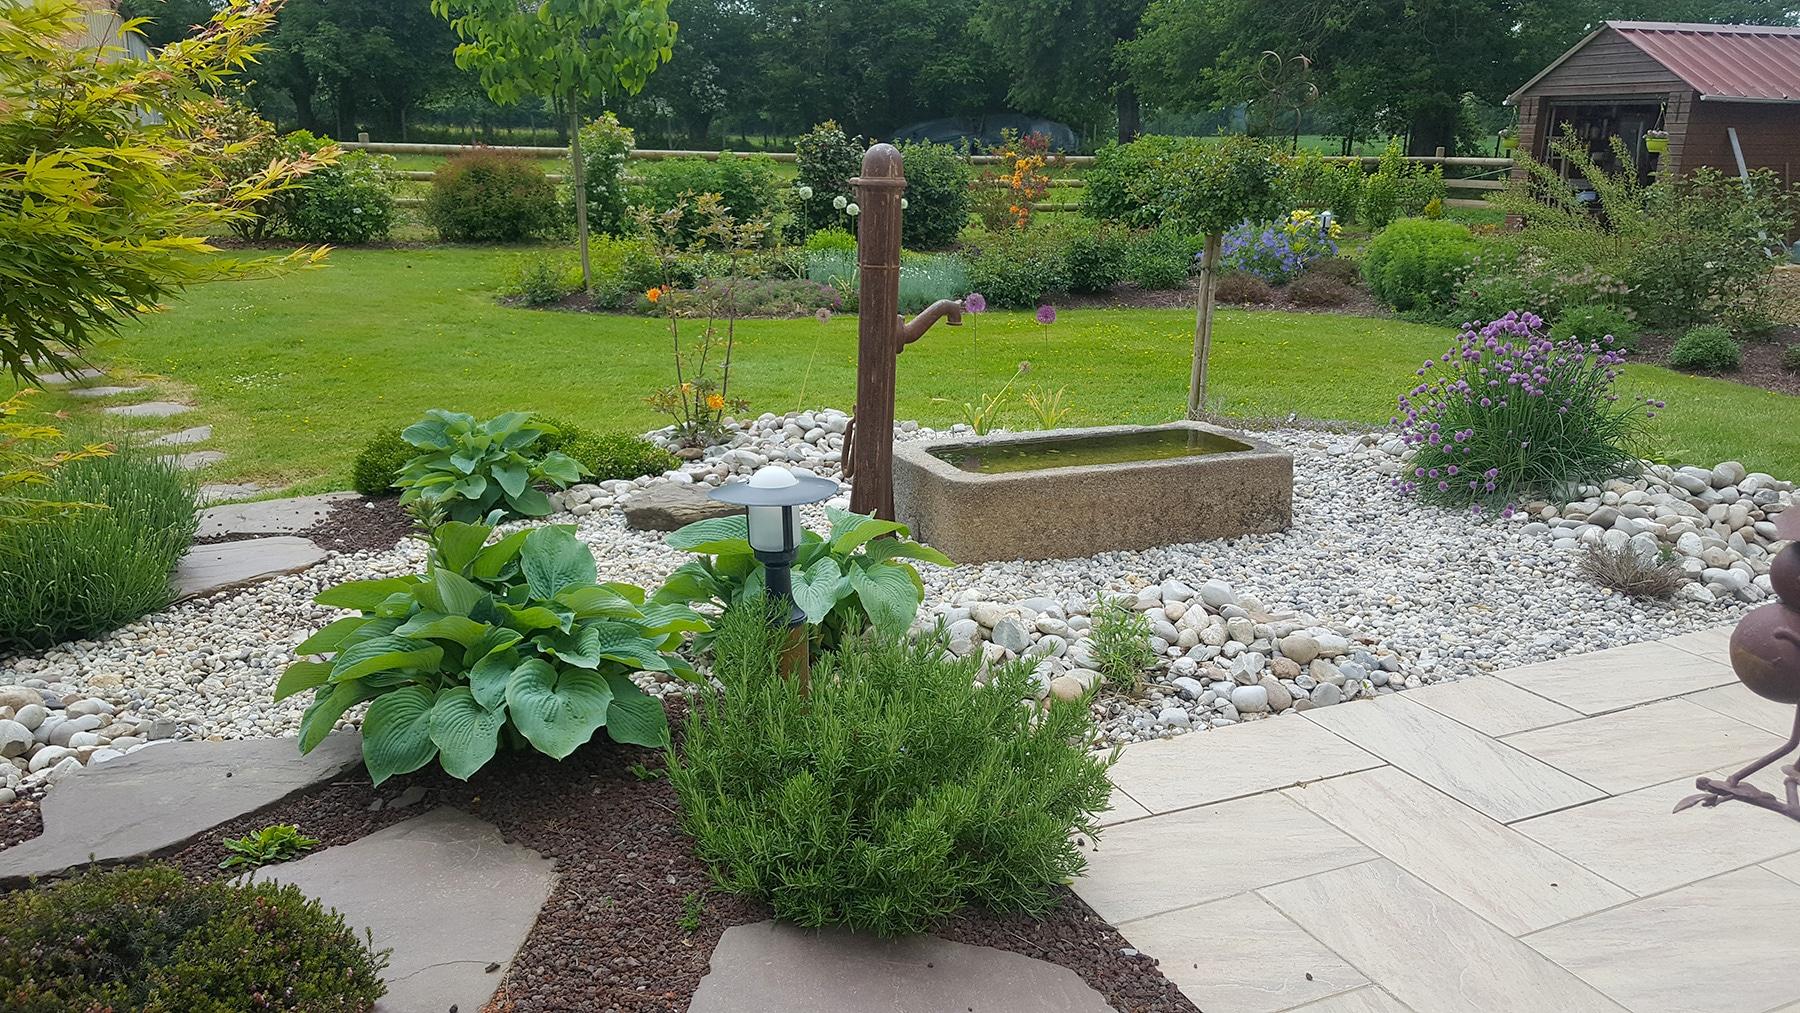 Fontaine De Jardin - Fontaine Extérieur | Paysages Conseil pour Fontaine Jardin Japonais